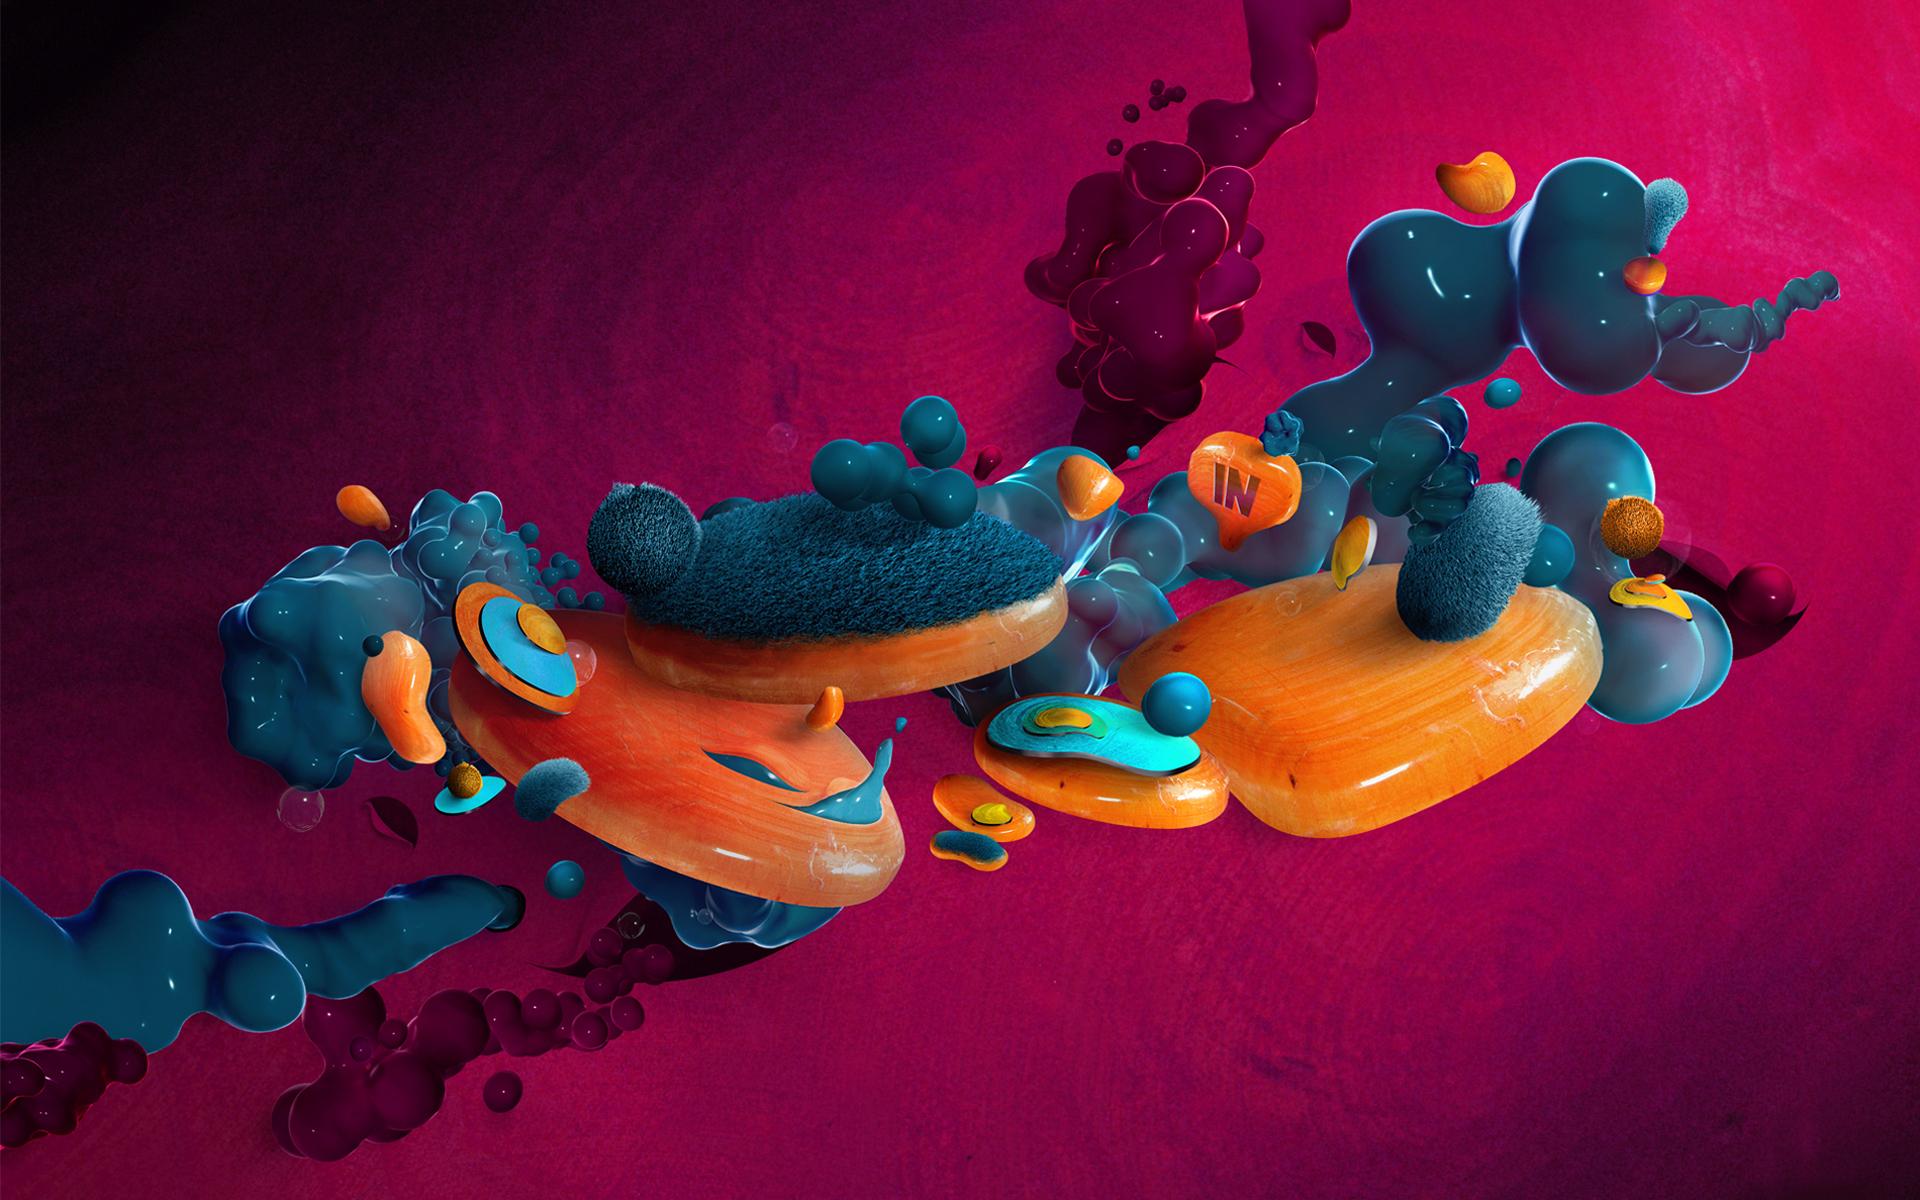 14 3d Graphic Design Desktop Wallpaper Images 3d Colorful Graphic